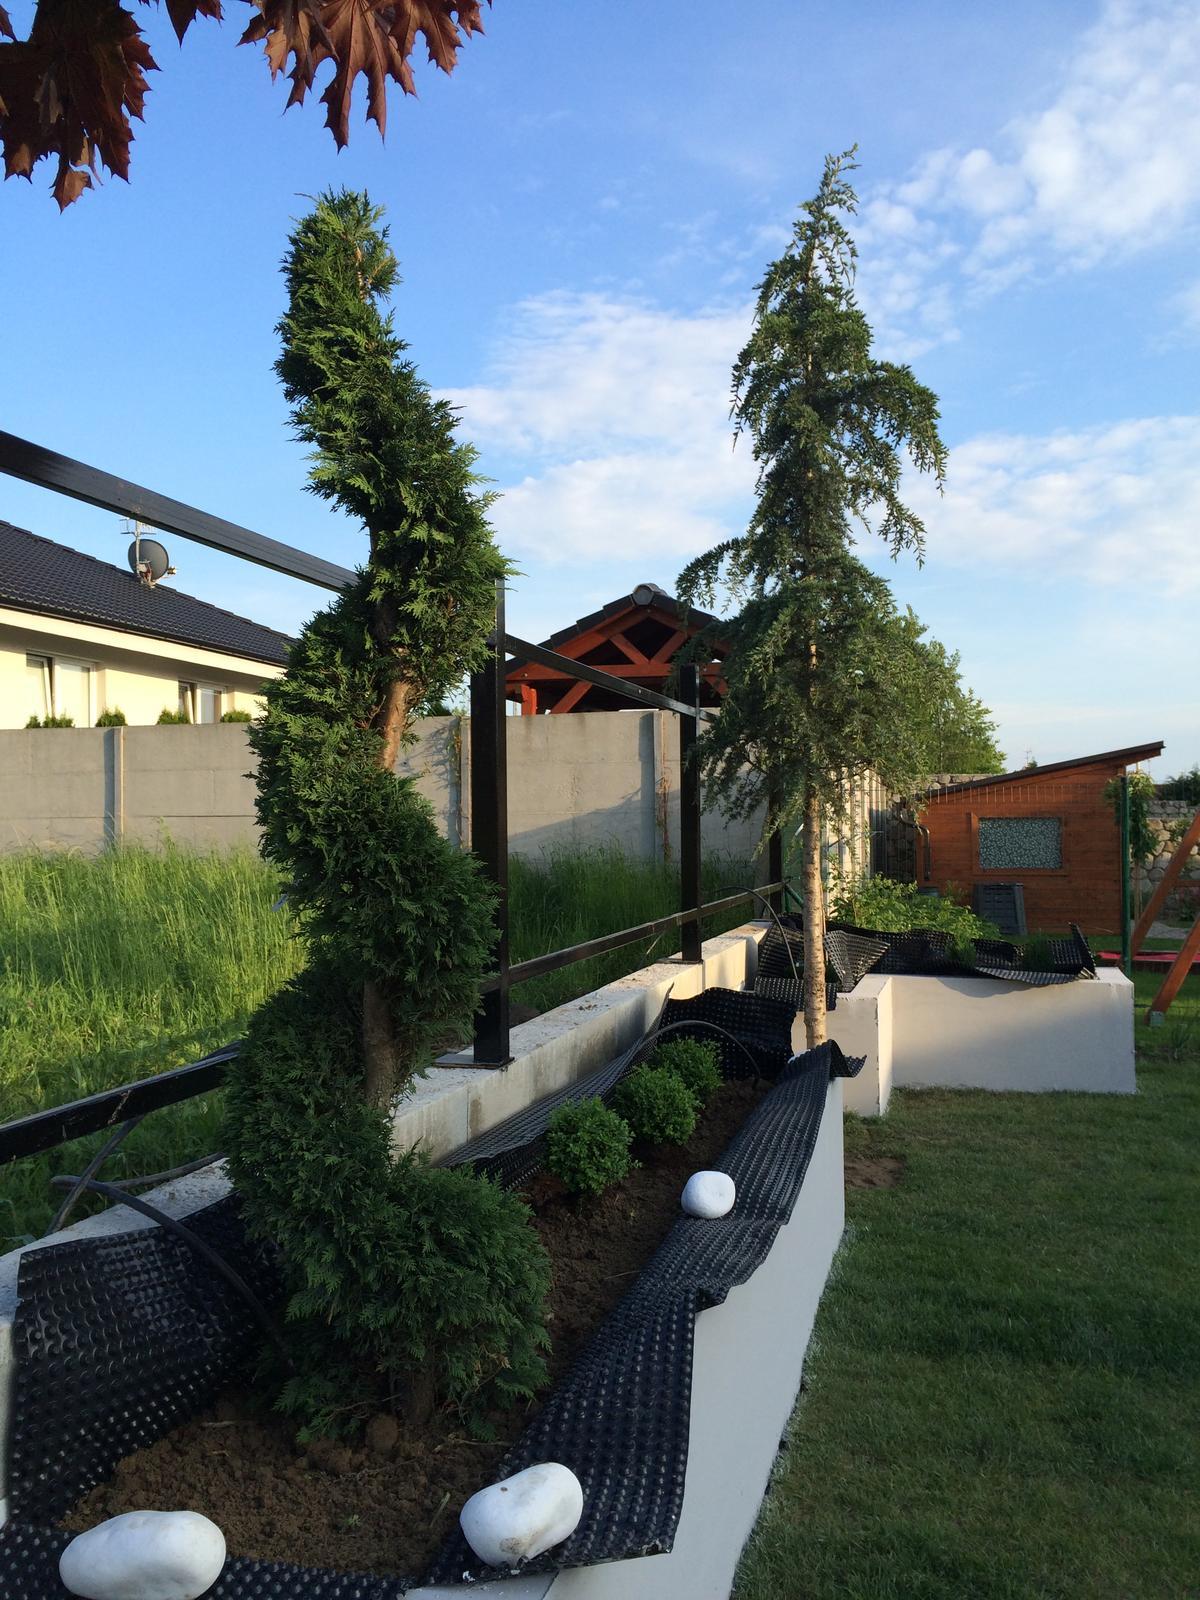 Zahradka - Predbežná výsadba.